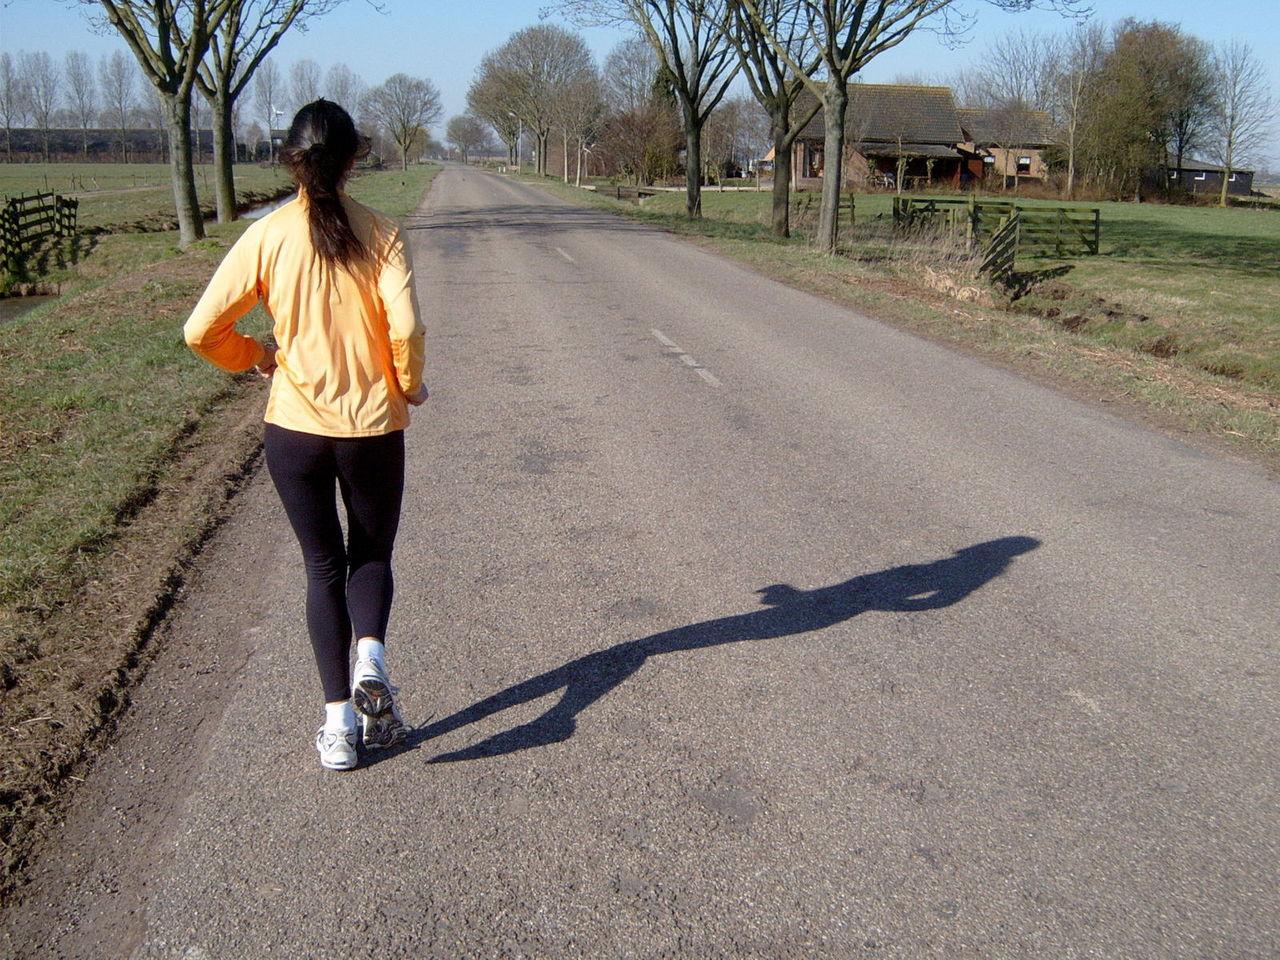 82248f5b Bieganie to bardzo popularna forma sportu, chętnie uprawiana zarówno przez  kobiety, jak i mężczyzn. Biegamy nie tylko za dnia, ale i nocą.